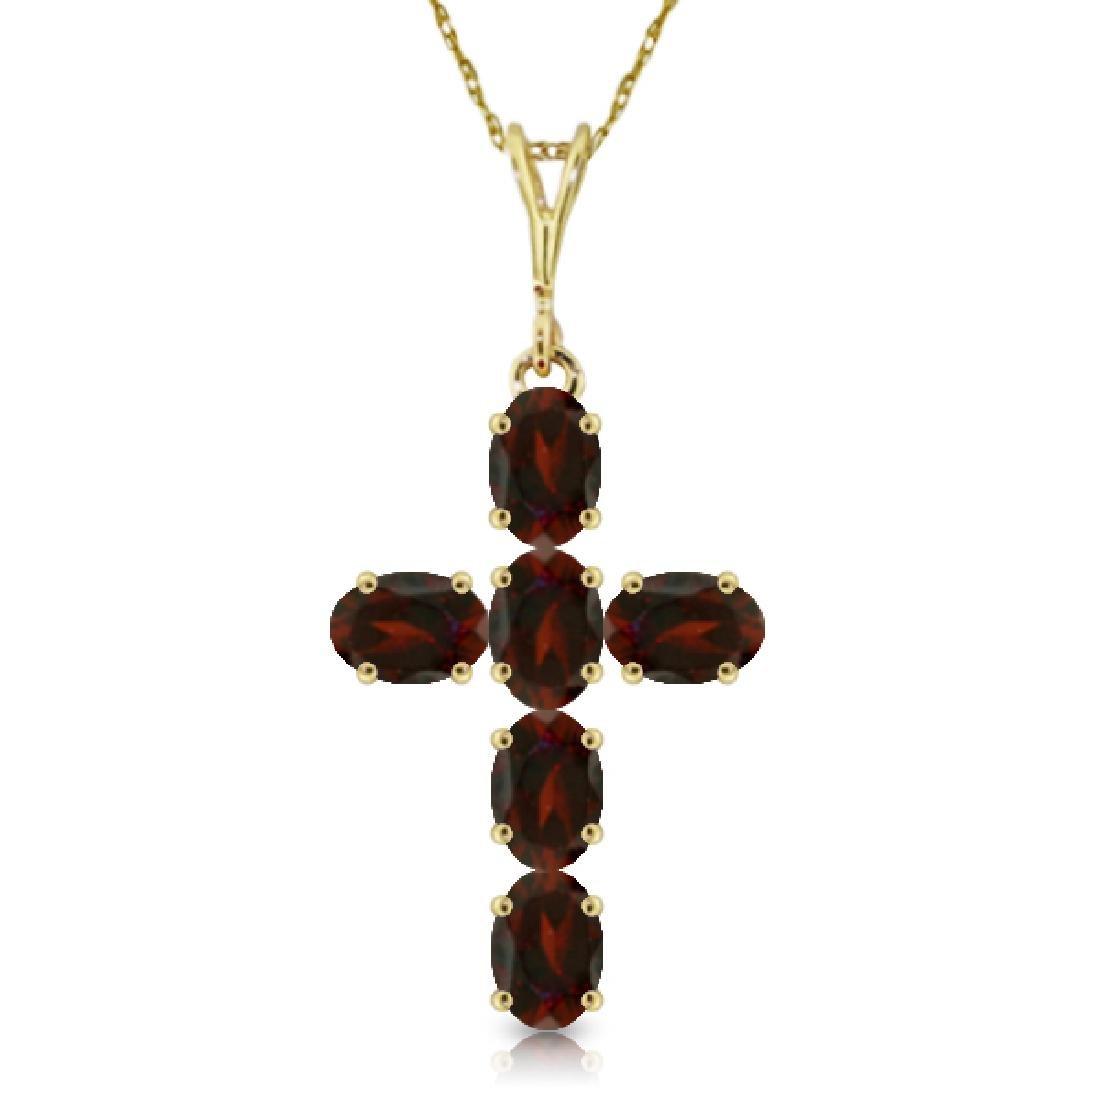 Genuine 1.50 ctw Garnet Necklace Jewelry 14KT Yellow